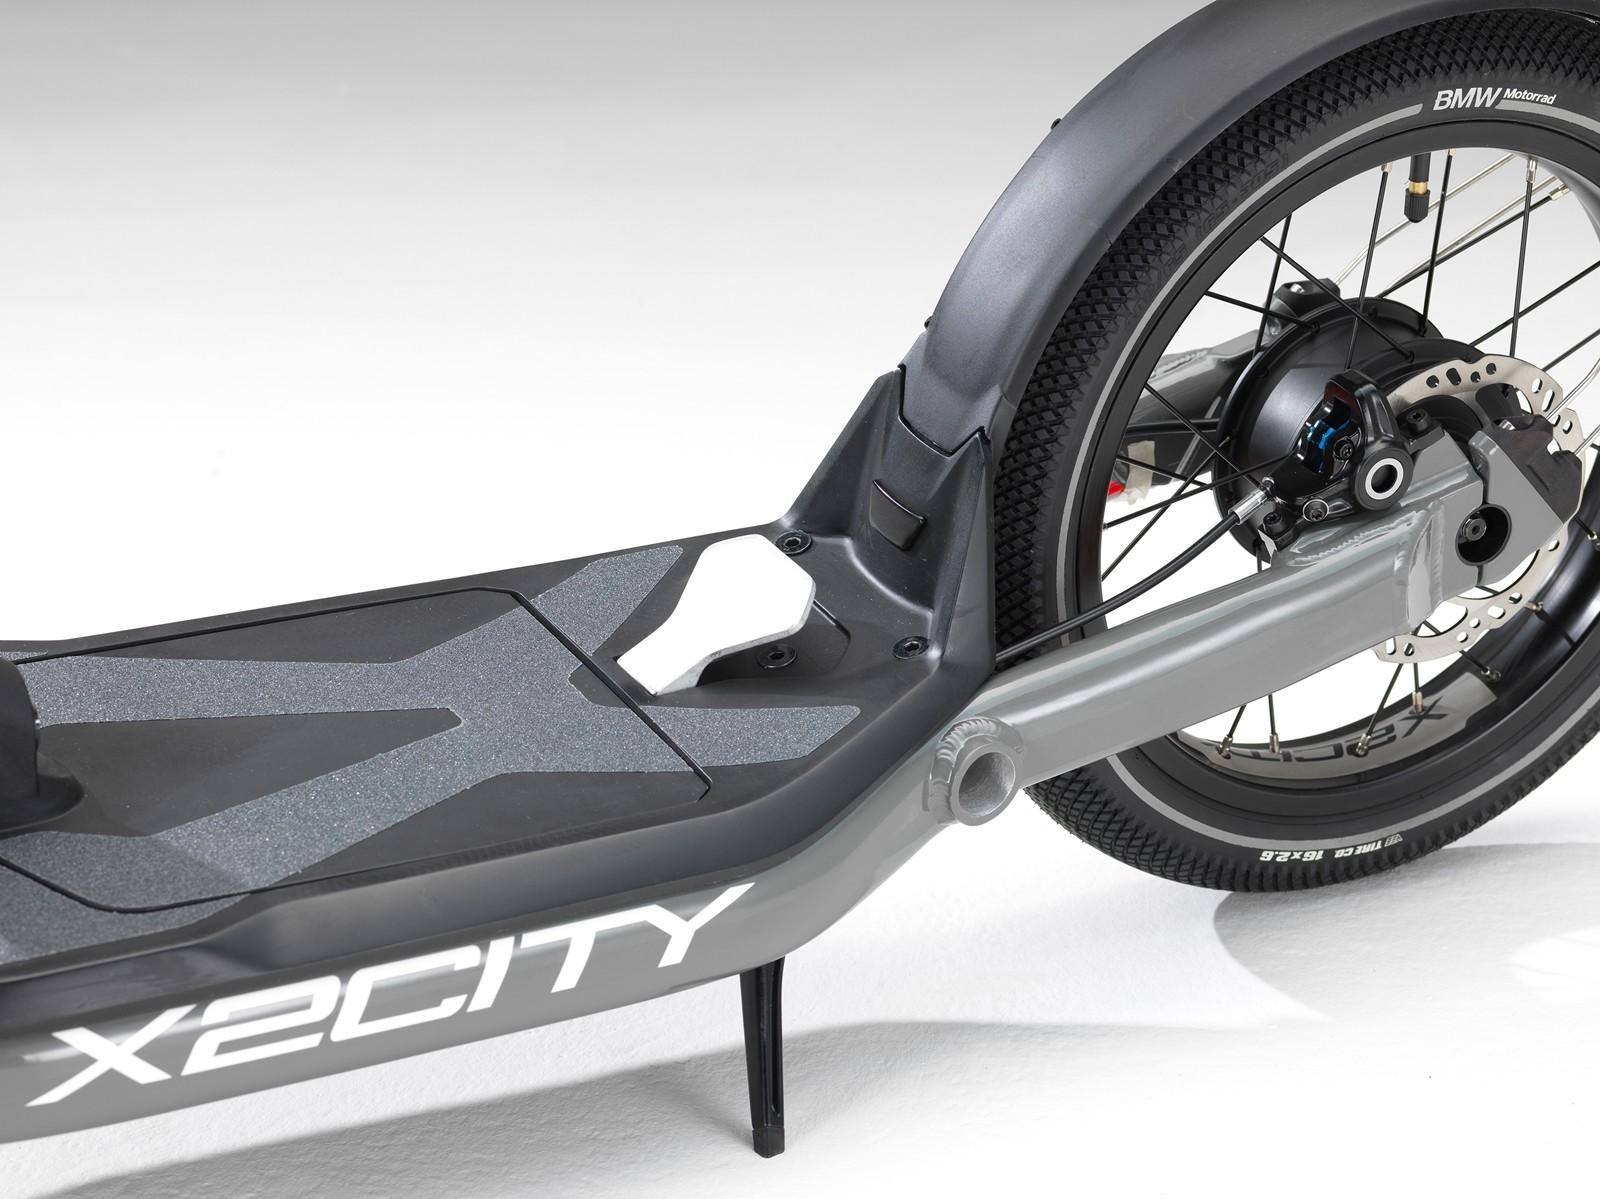 Foto de BMW Motorrad X2City, un patinete eléctrico de la marca alemana (9/10)